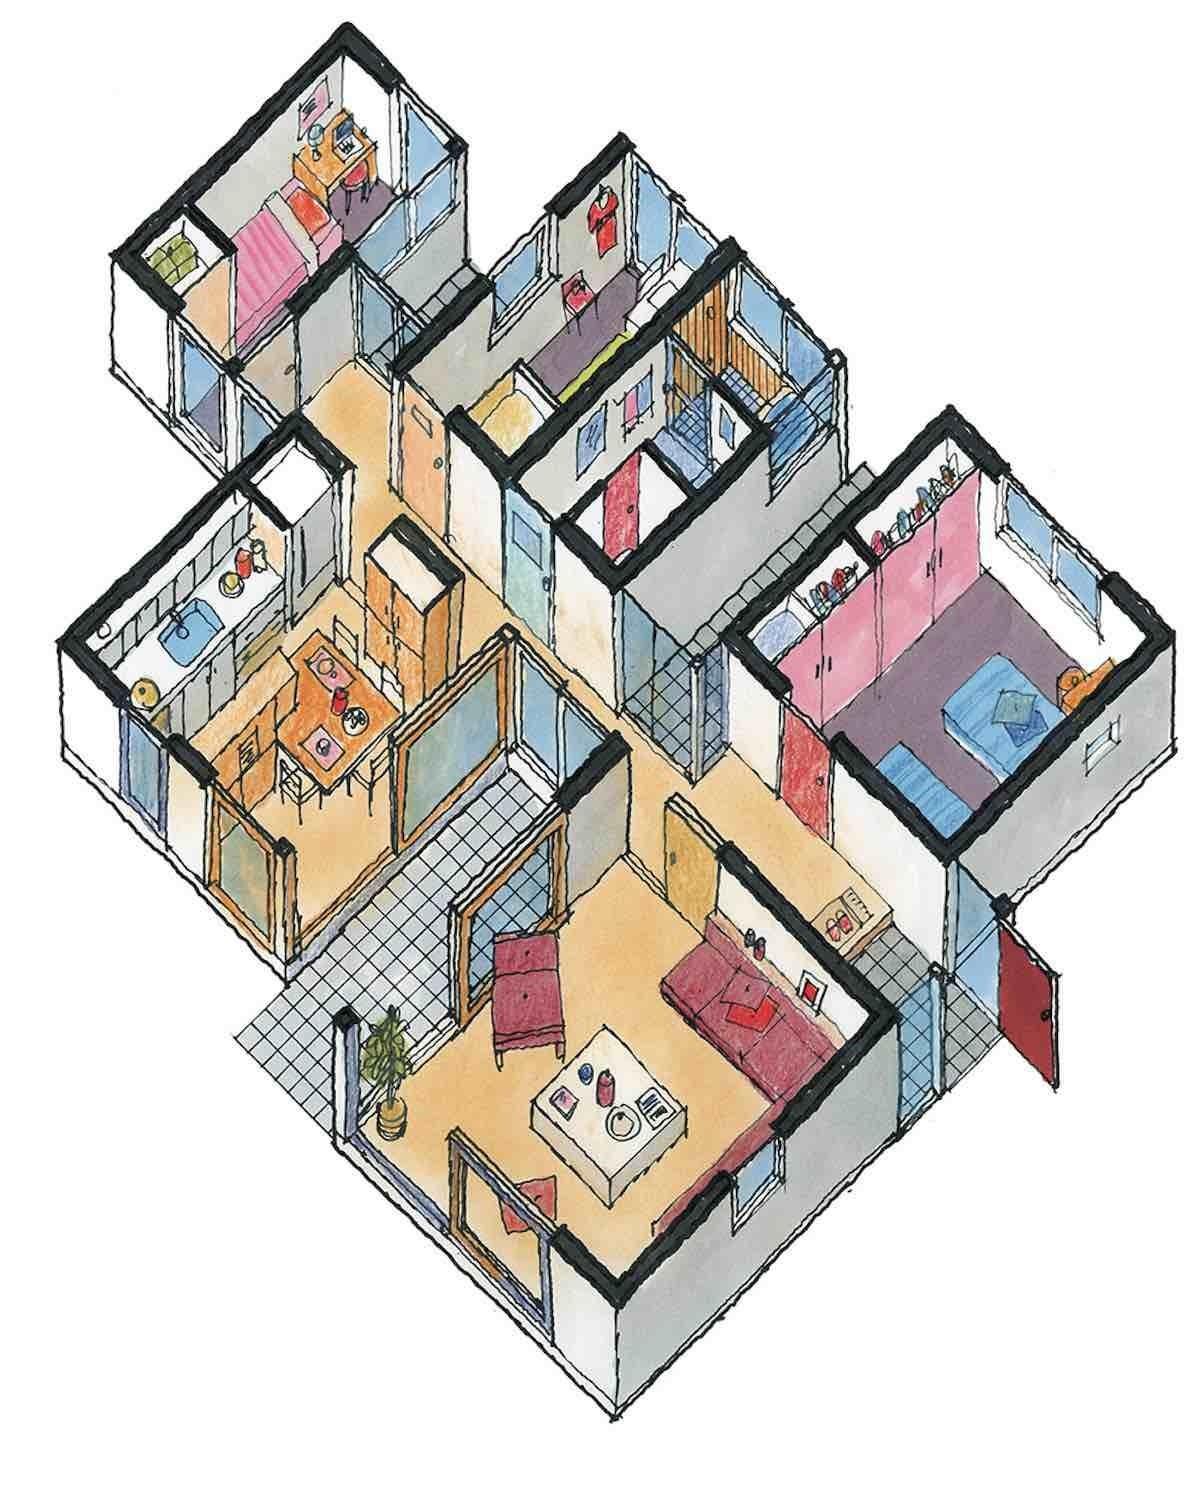 複數中庭型-平面等角透視圖  圖片提供_漂亮家居麥浩斯